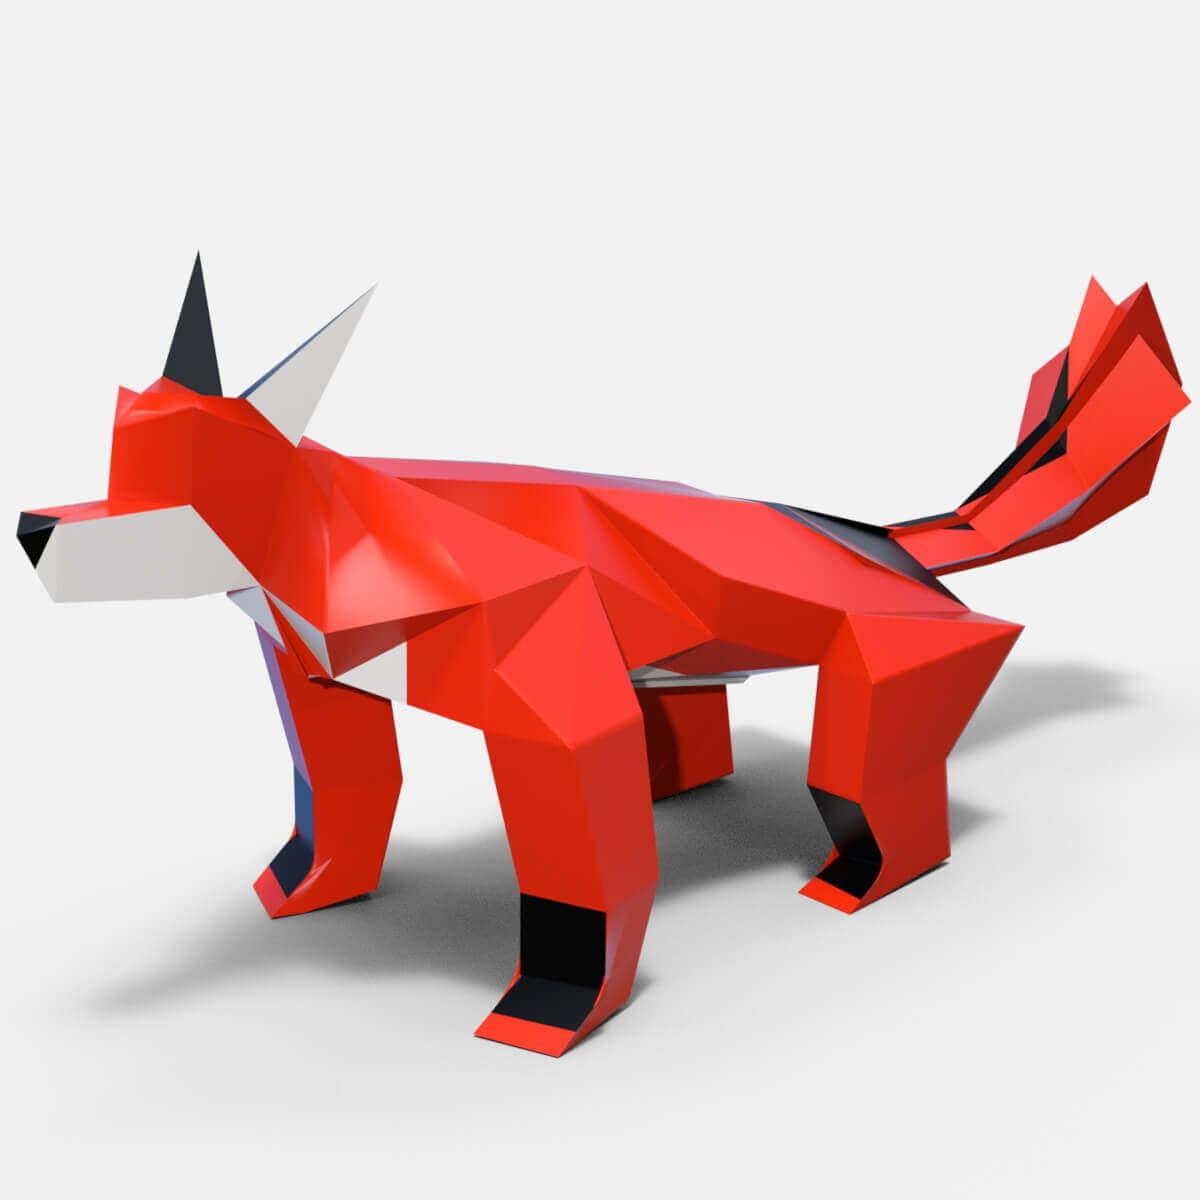 Fox Free 3D Model